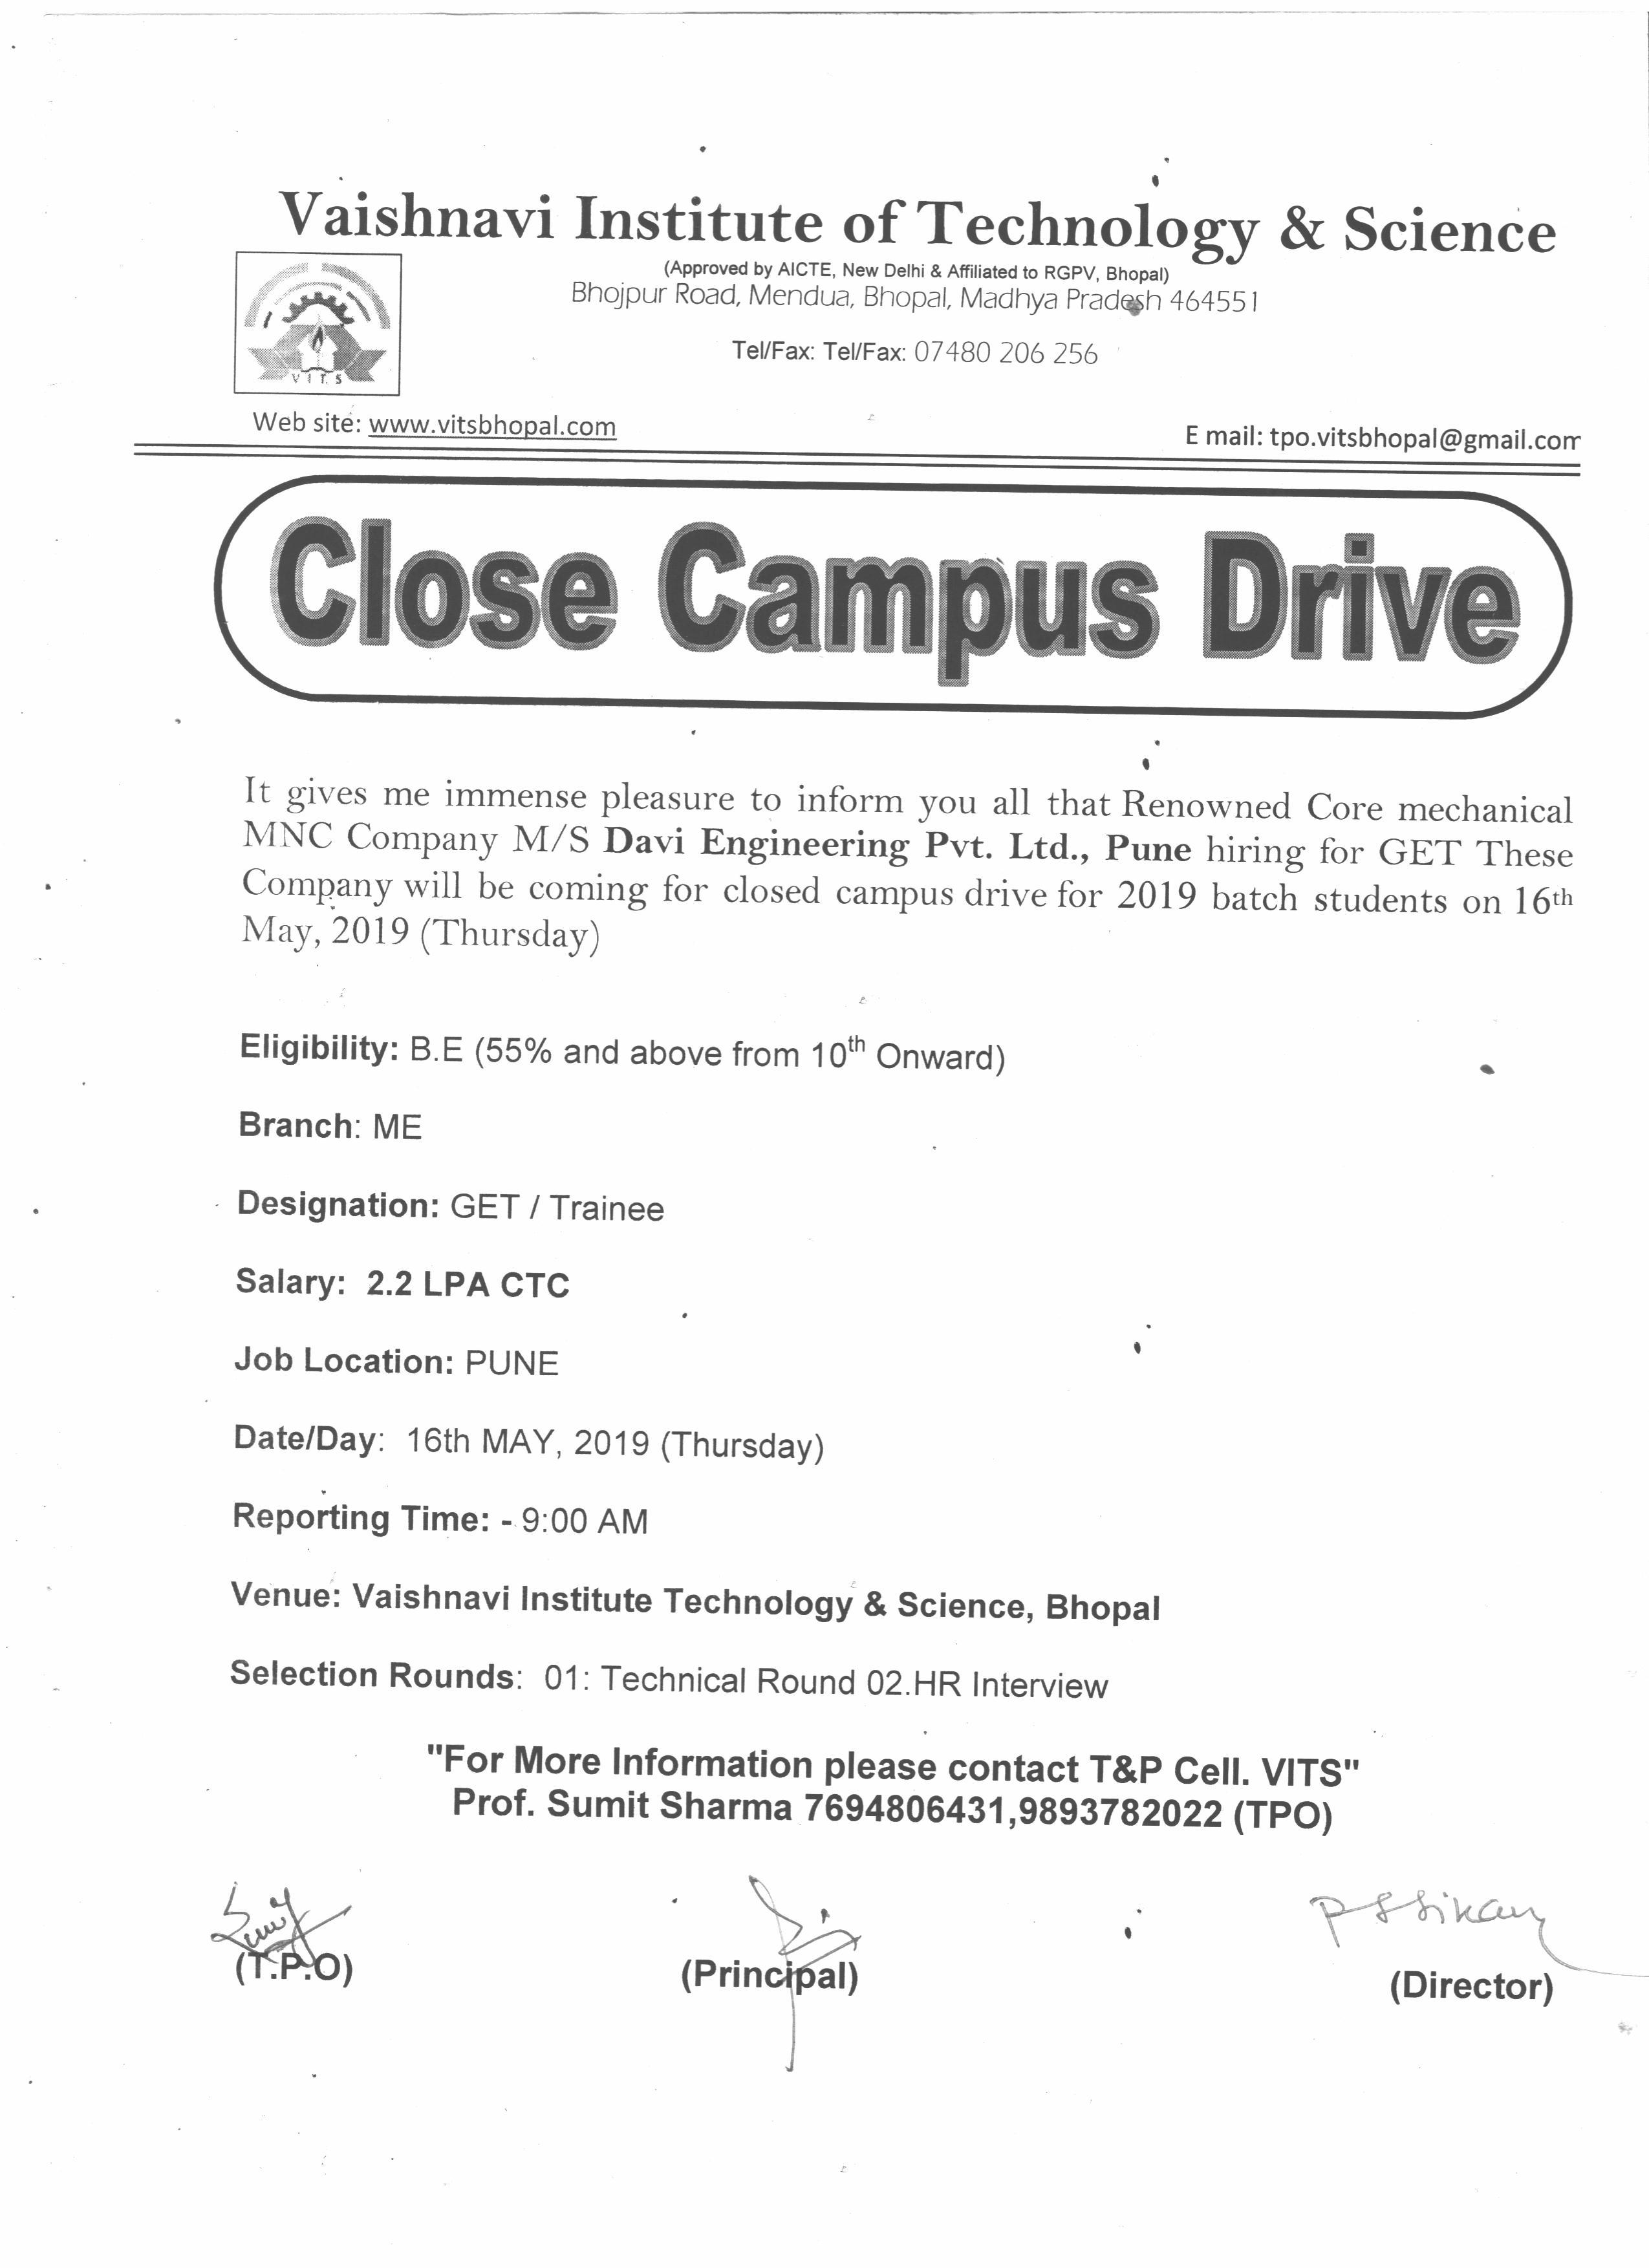 Vaishnavi Group of Institutes